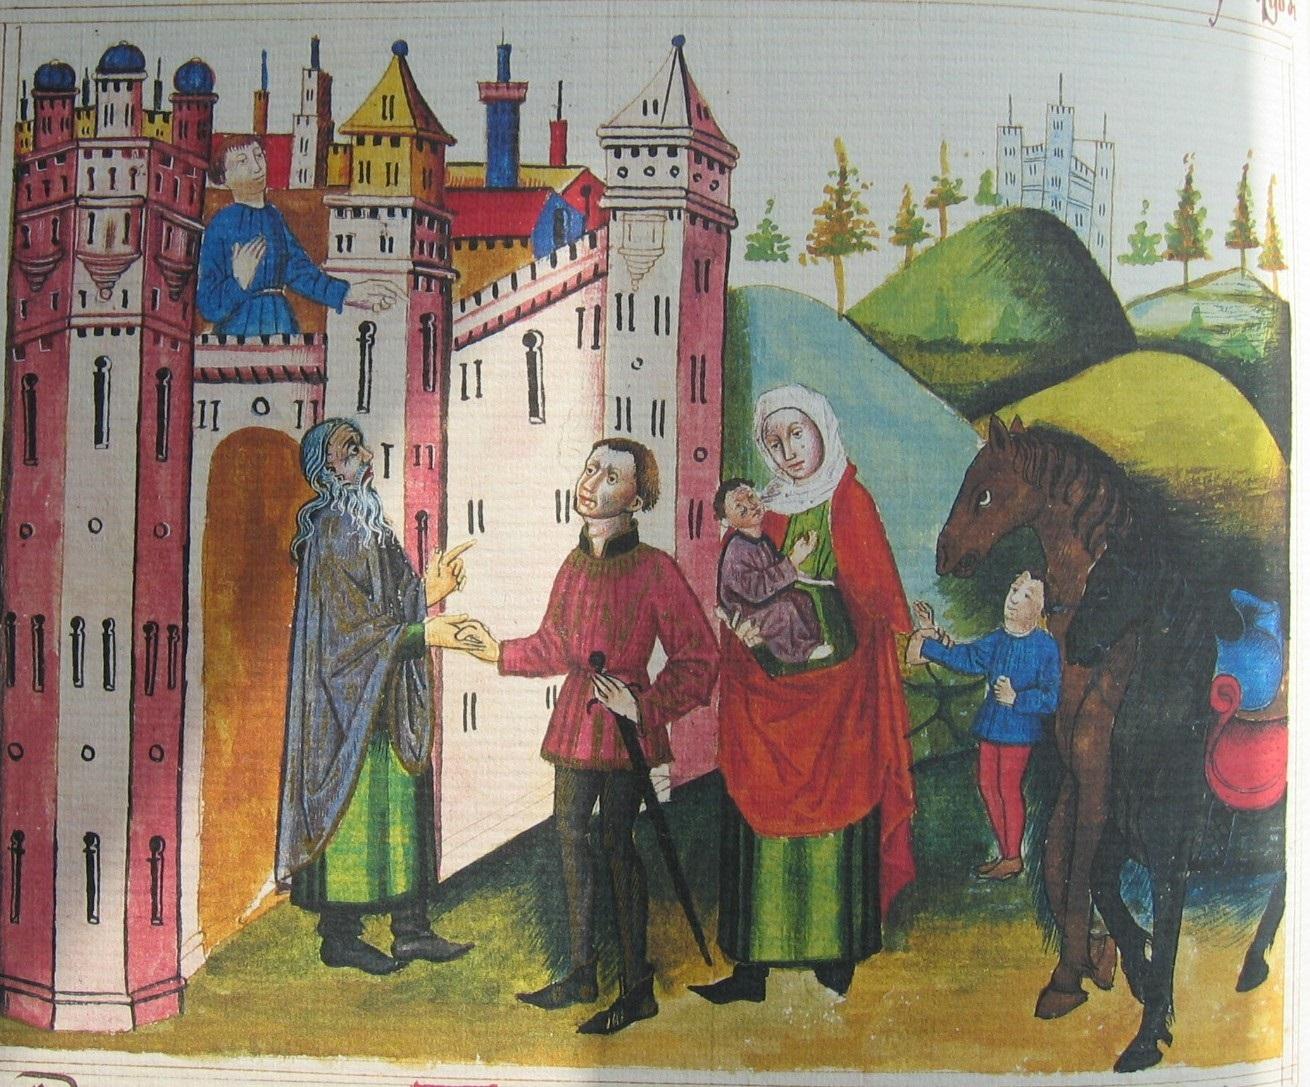 Libro del Caballero Zifar (Paris, Biblothéque Nationale, Espagnol 36)